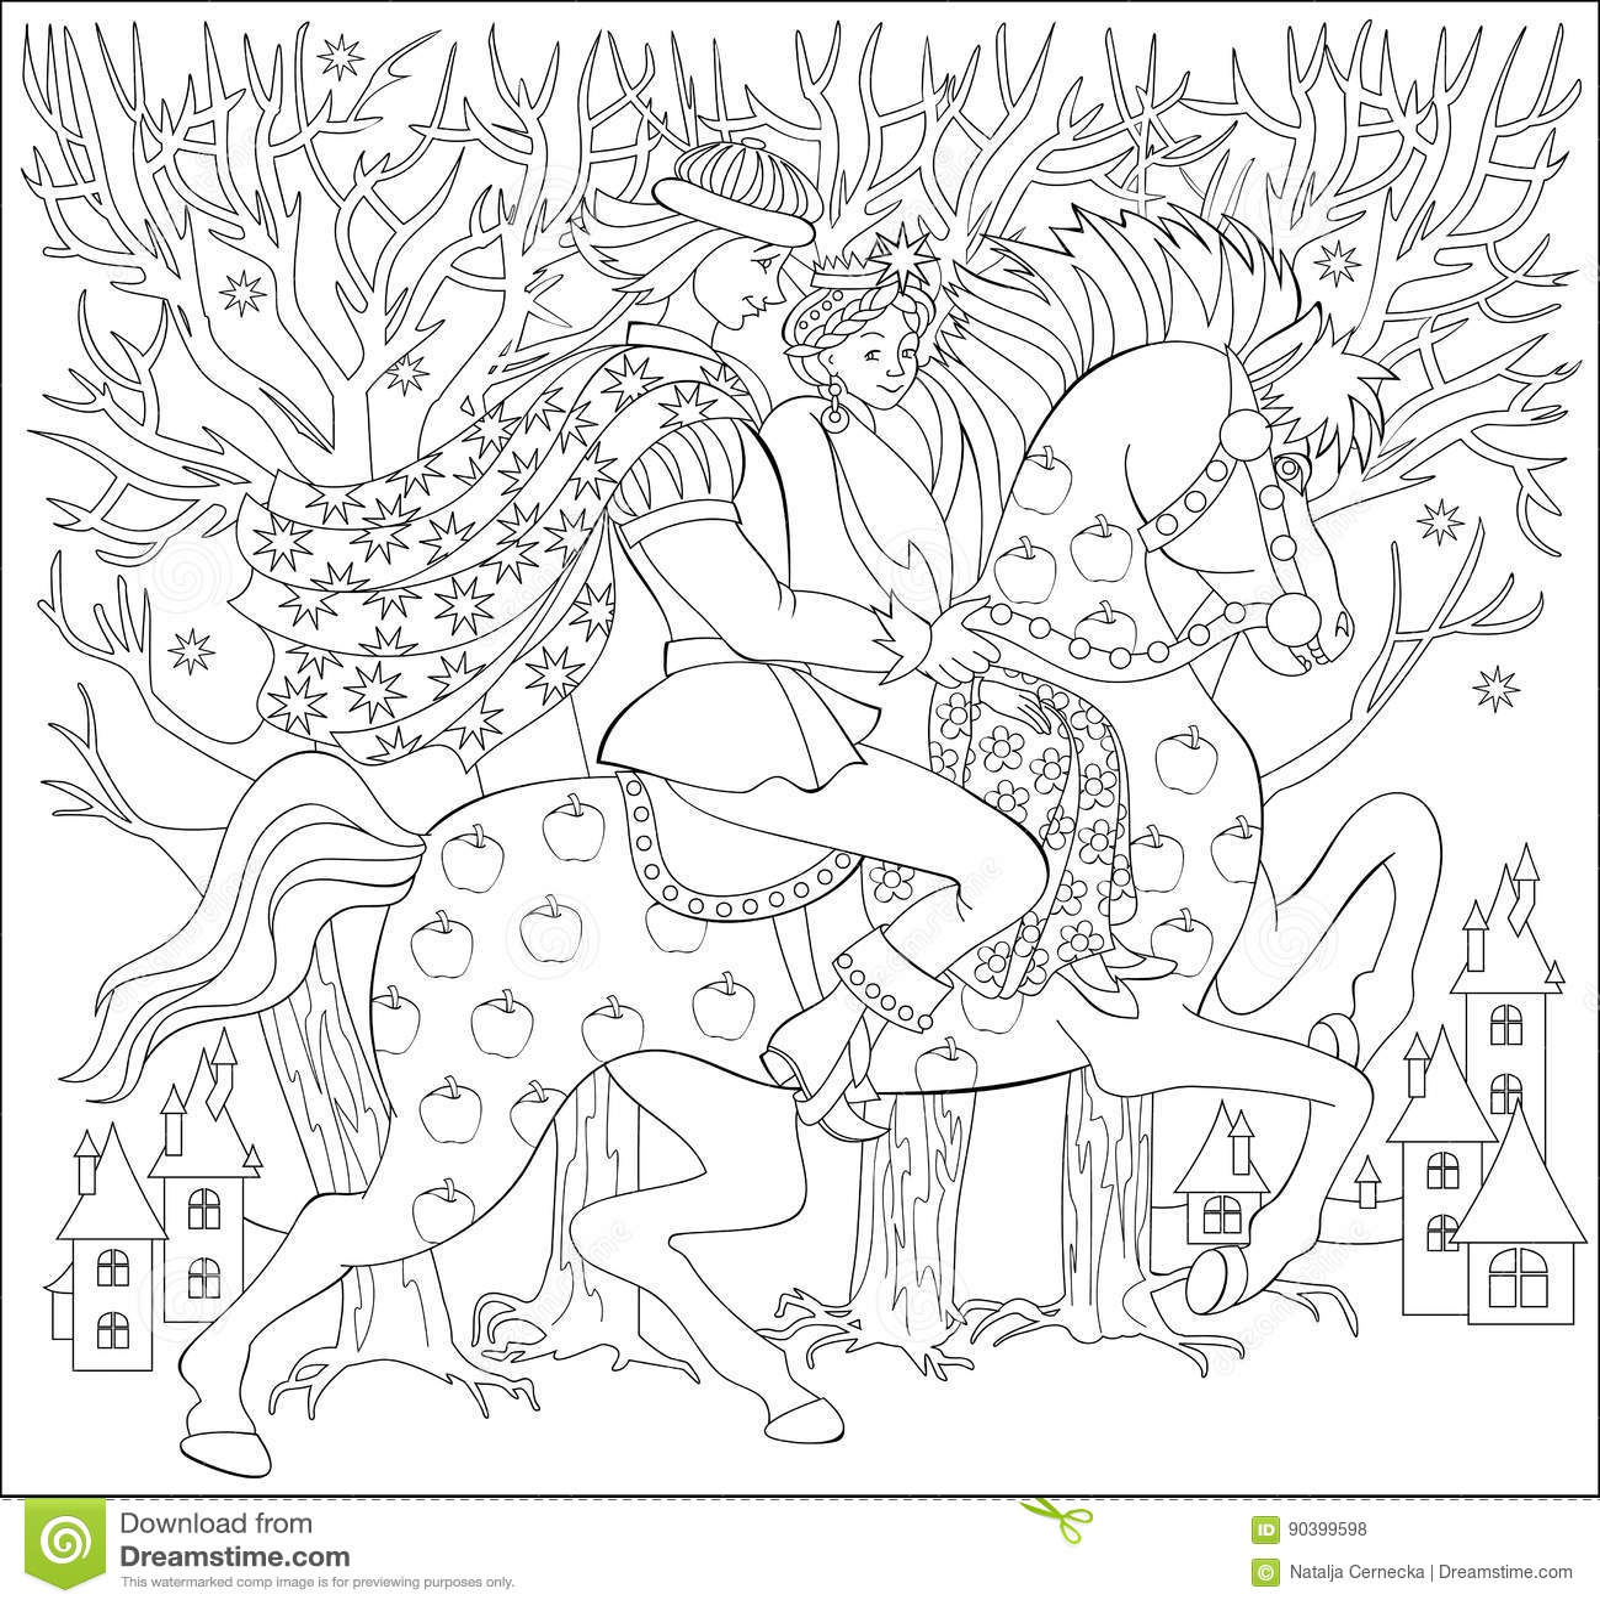 ilustração preto e branco do príncipe e dos príncipes que montam no